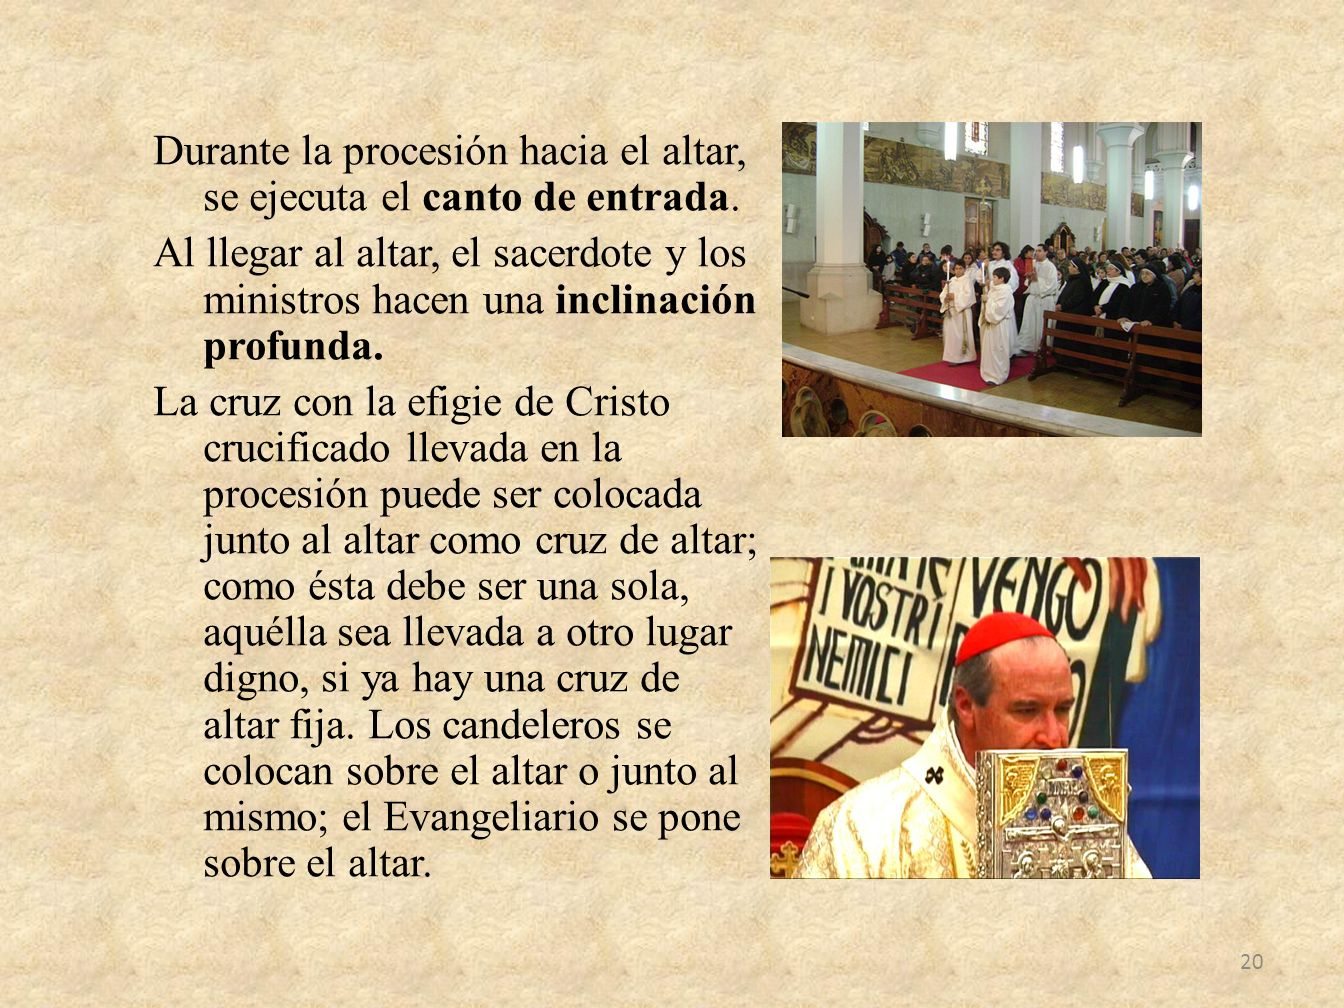 Durante la procesión hacia el altar, se ejecuta el canto de entrada. Al llegar al altar, el sacerdote y los ministros hacen una inclinación profunda.